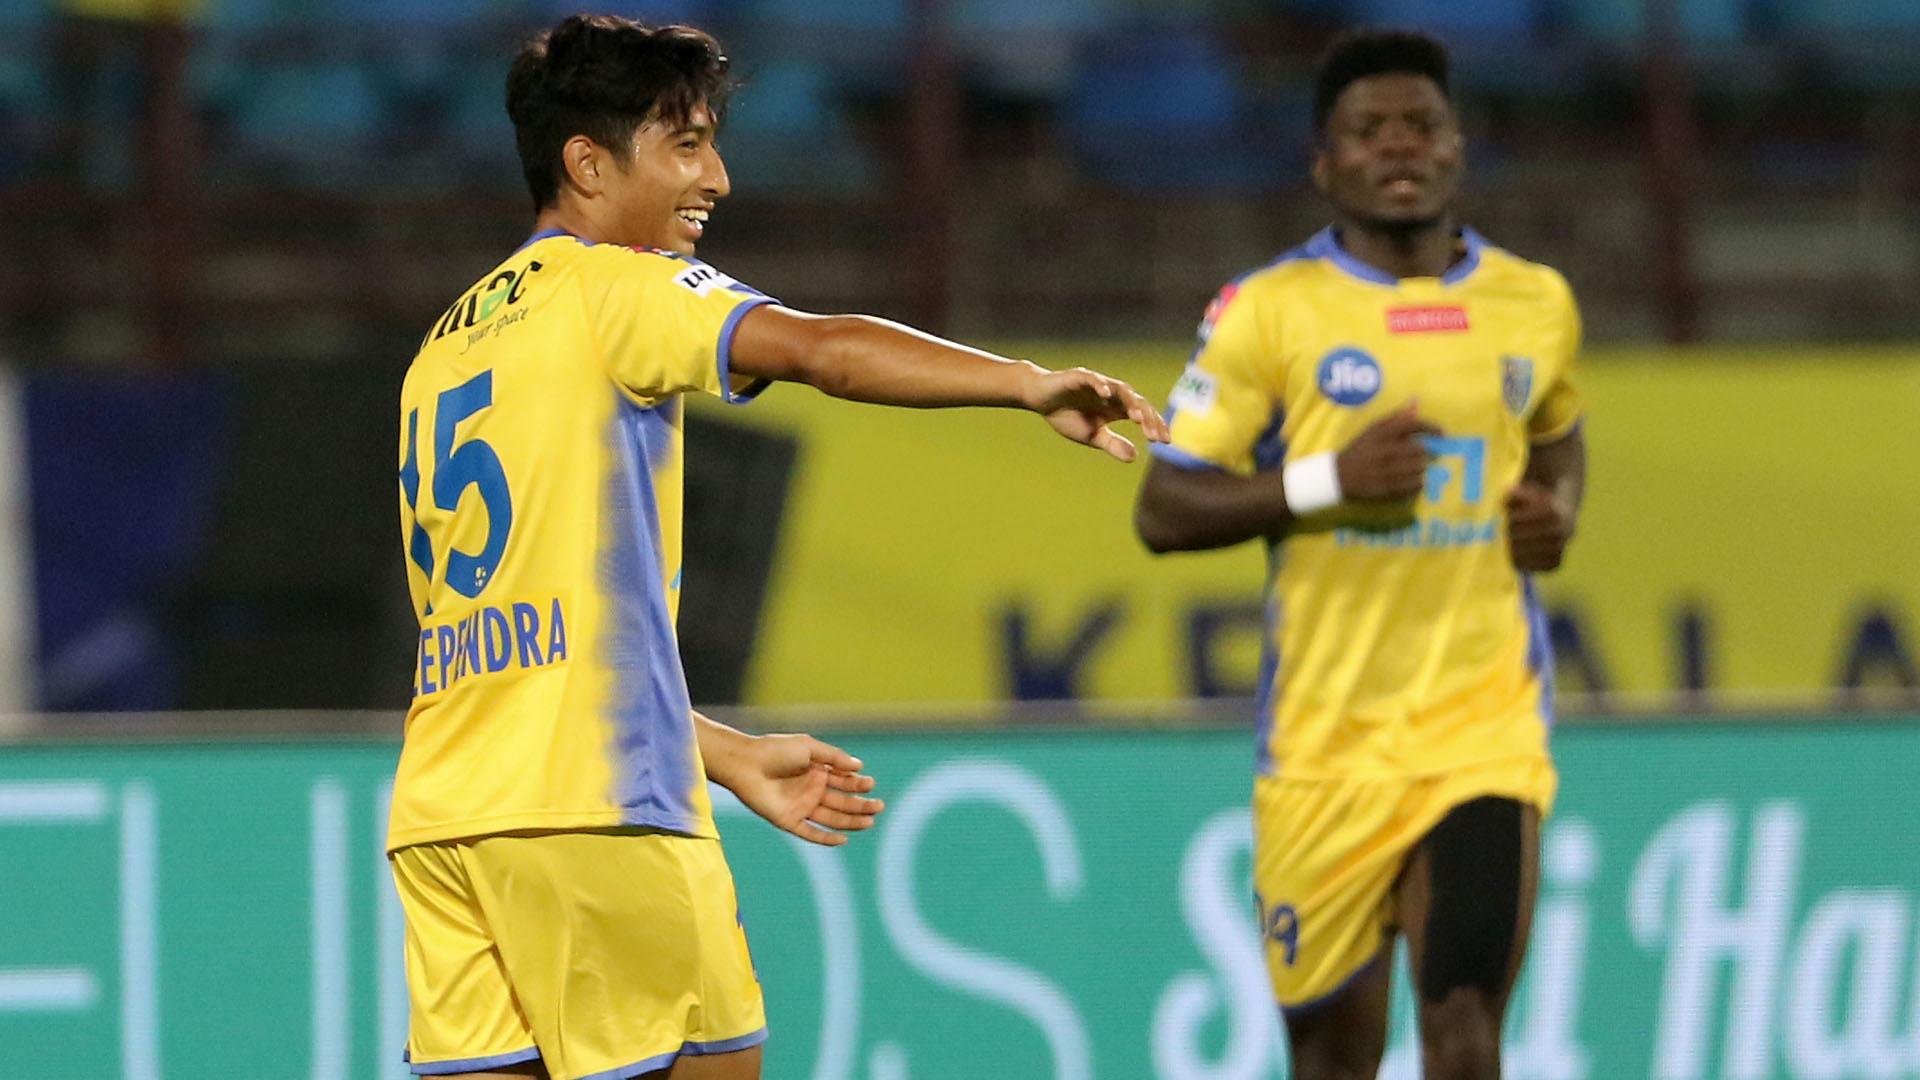 Deependra Negi Kerala Blasters FC Delhi Dynamos FC ISL 4 2017/2018